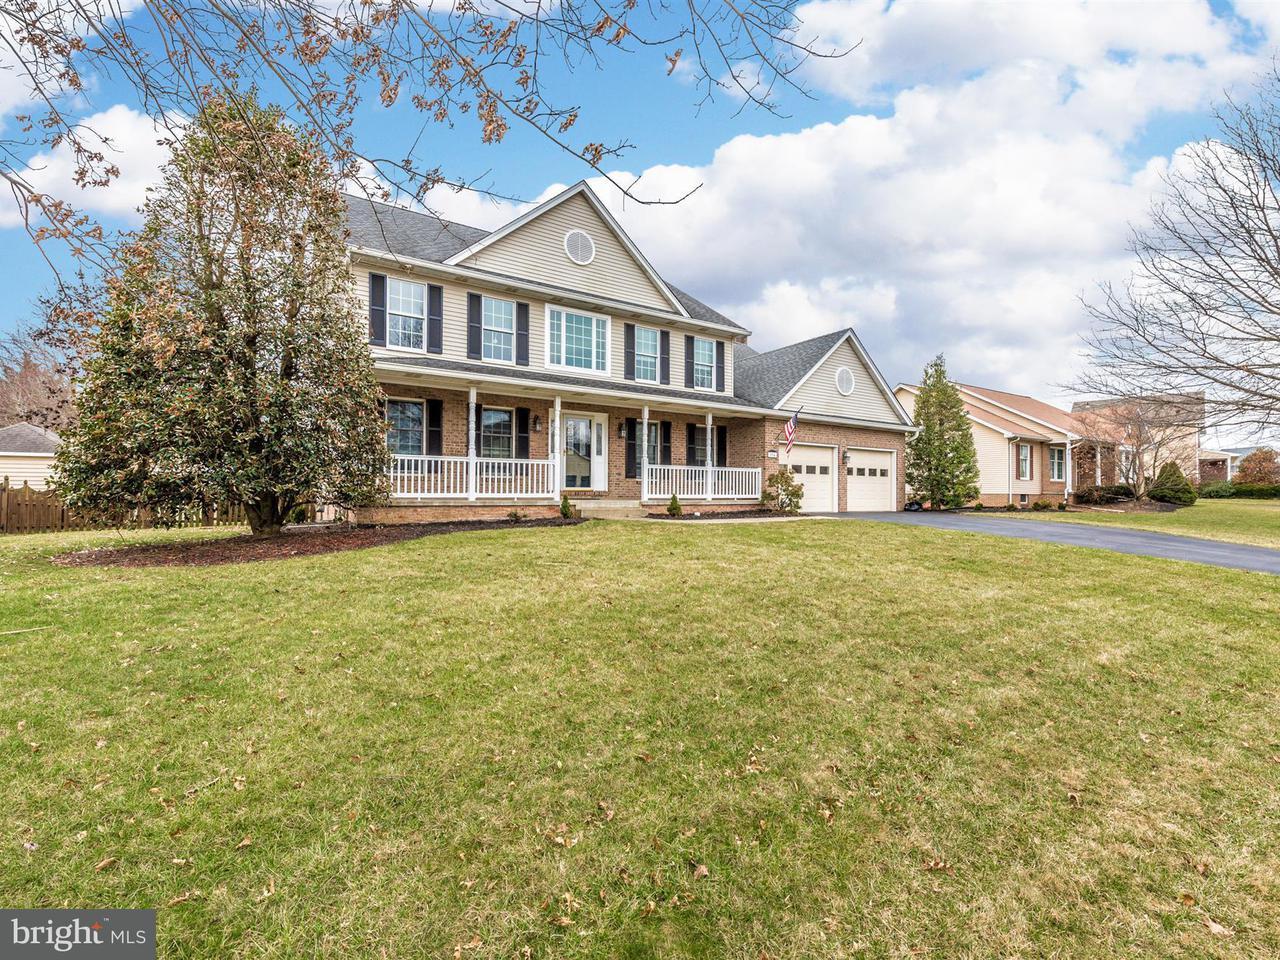 独户住宅 为 销售 在 294 Kenwood Place 294 Kenwood Place Walkersville, 马里兰州 21793 美国